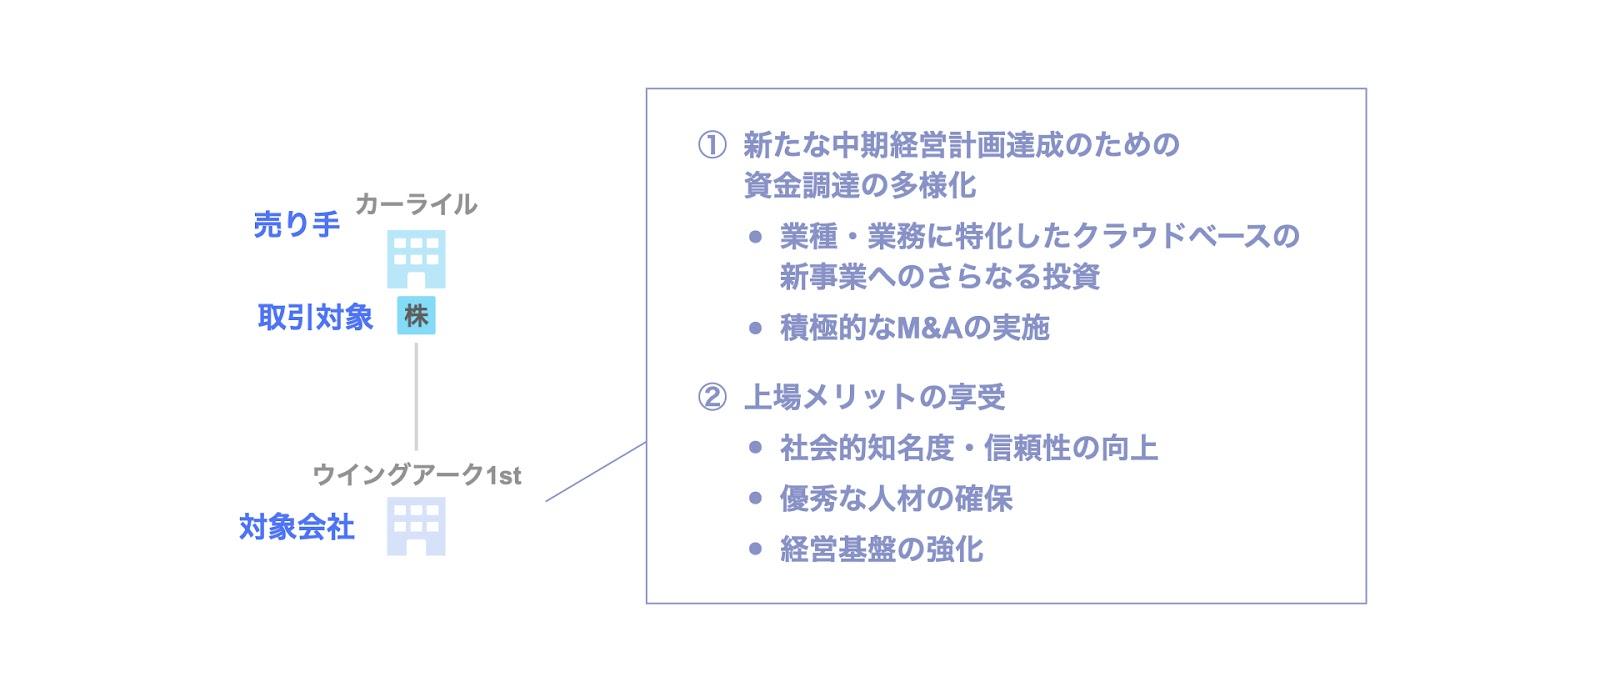 投資事例:カーライルによるウイングアーク1stのExitの第二段階(2021年のExit時)の背景・目的